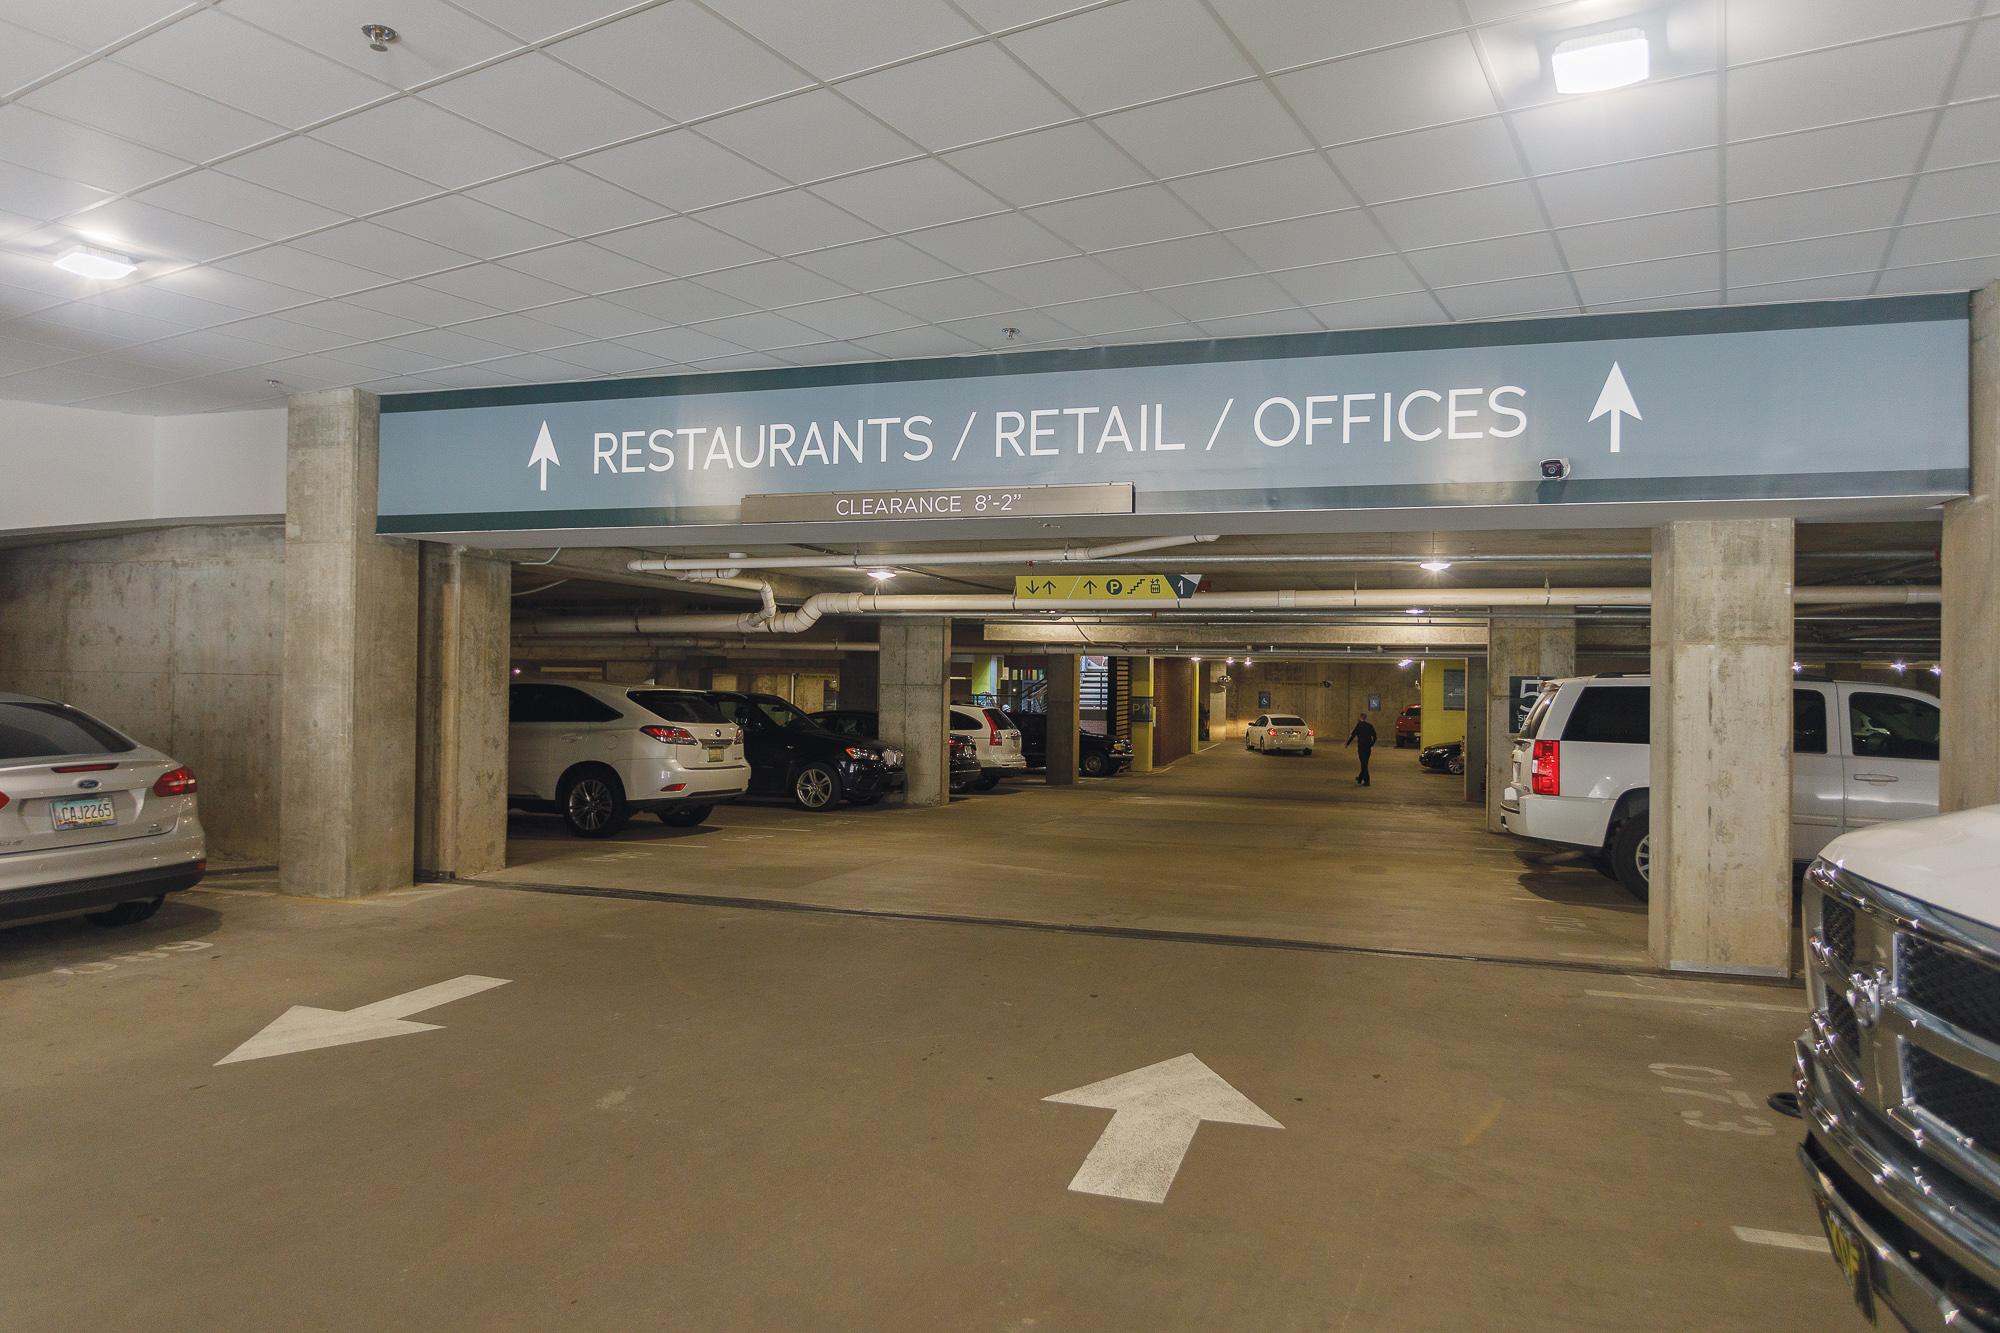 Vertis-Green-Hills_wayfinding-signage_parking-garage-restaurants-retail_MG_5238_small 2000 px.jpg